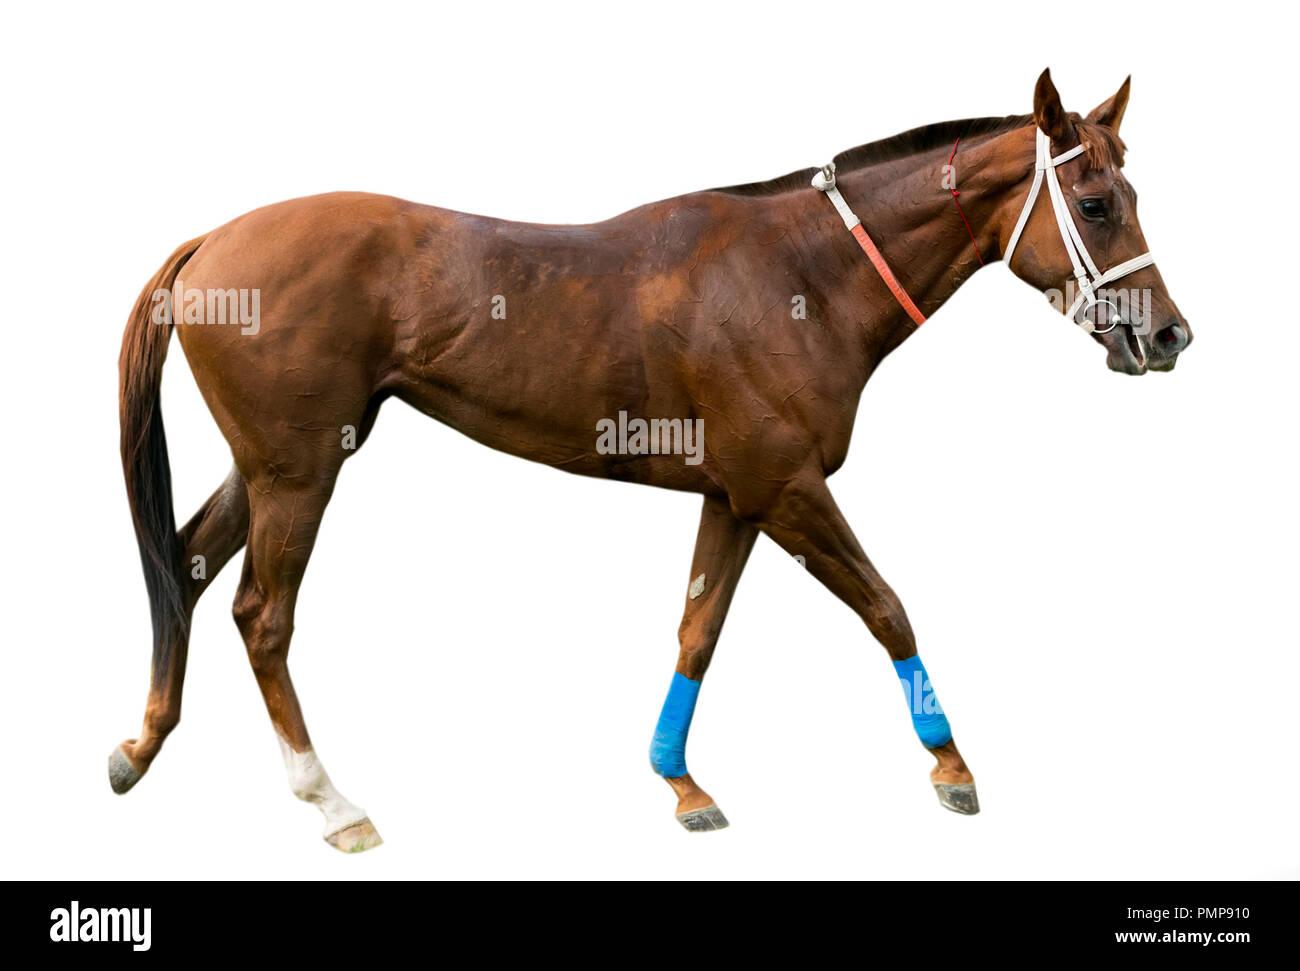 Thoroughbred English horse isolated on white background - Stock Image